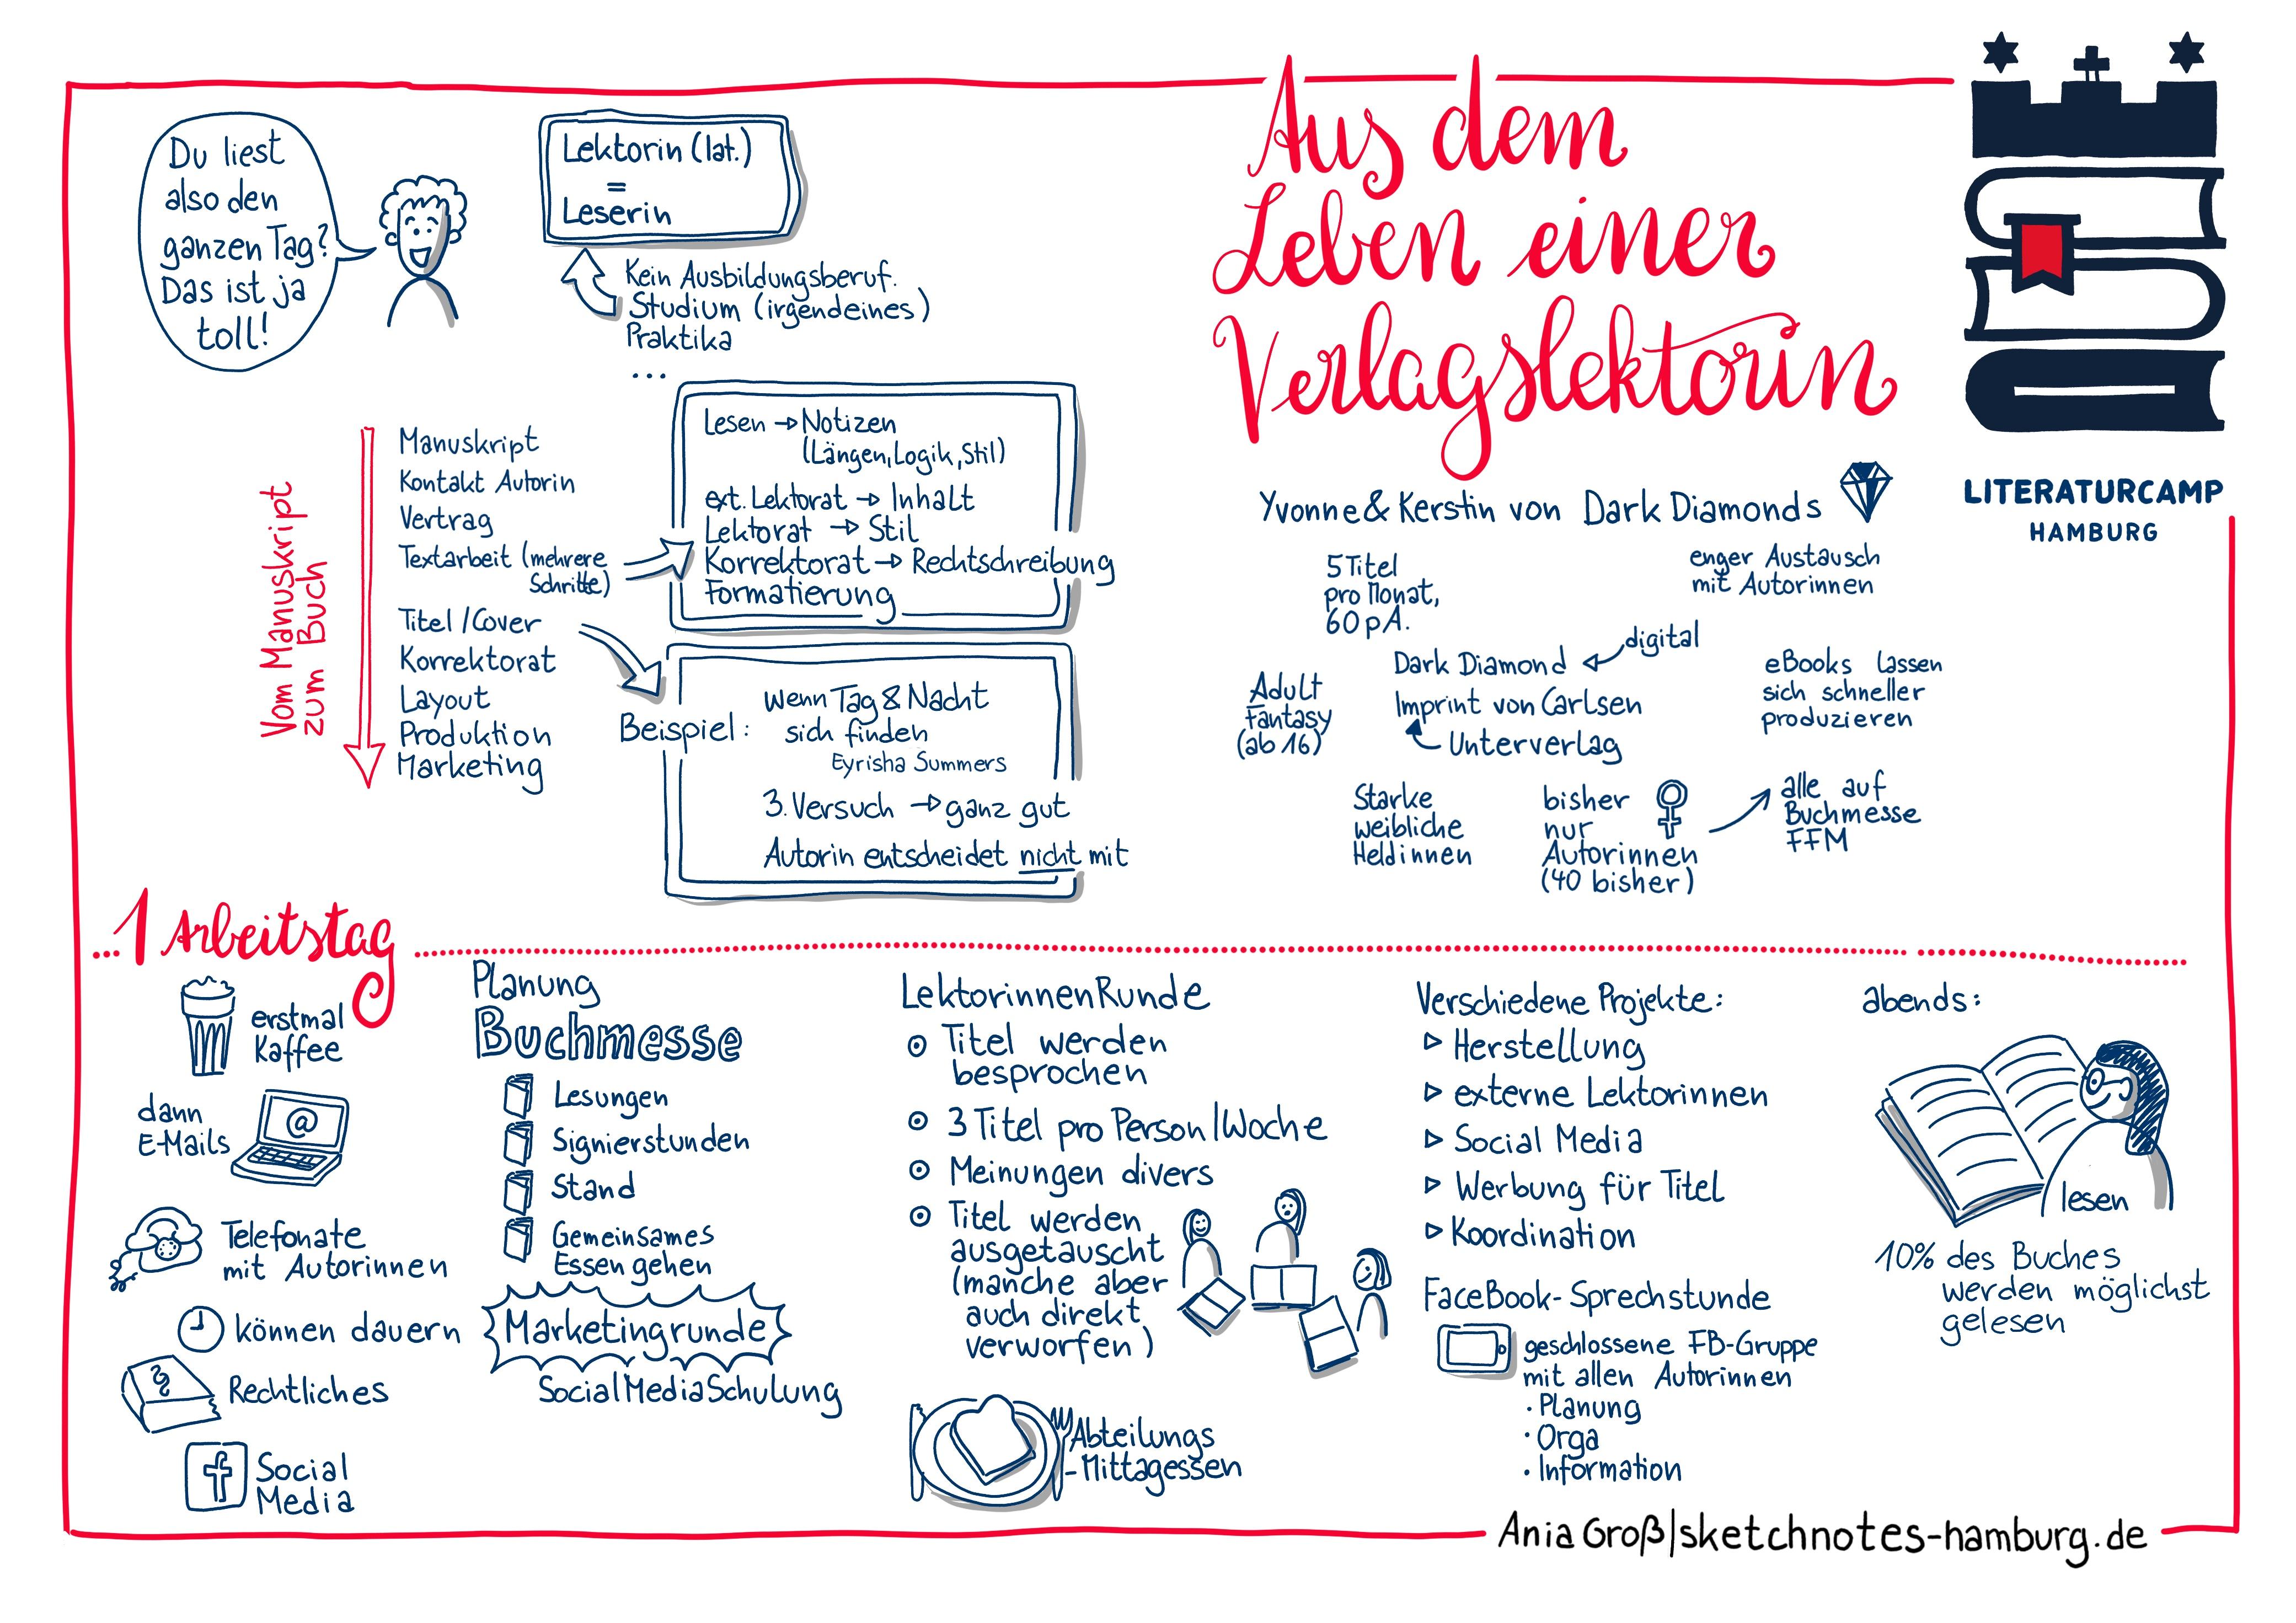 """Die Sketchnote enthält einen kompletten Tagesablauf. Außerdem die Arbeitsschritte """"Vom Manuskript zum Buch"""" und eine Vorstellung des Verlages, der ein Imprint (Unterverlag) von Carlssen, Hamburg, ist.Sketchnotes: © Ania Groß"""